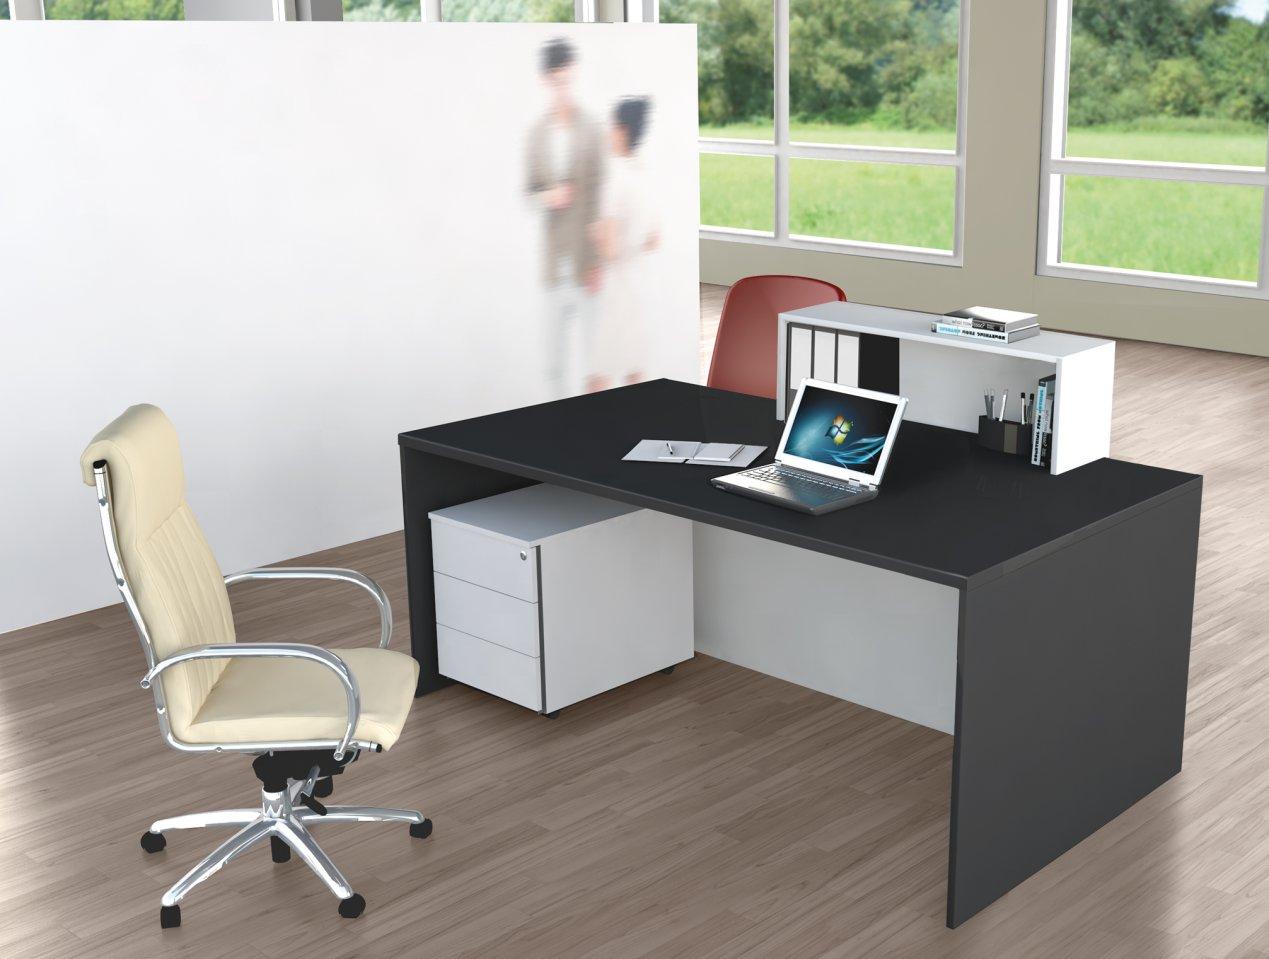 kundenberater tisch mit led beleuchtung flexibler sichtschutz und viel beinfreiheit. Black Bedroom Furniture Sets. Home Design Ideas